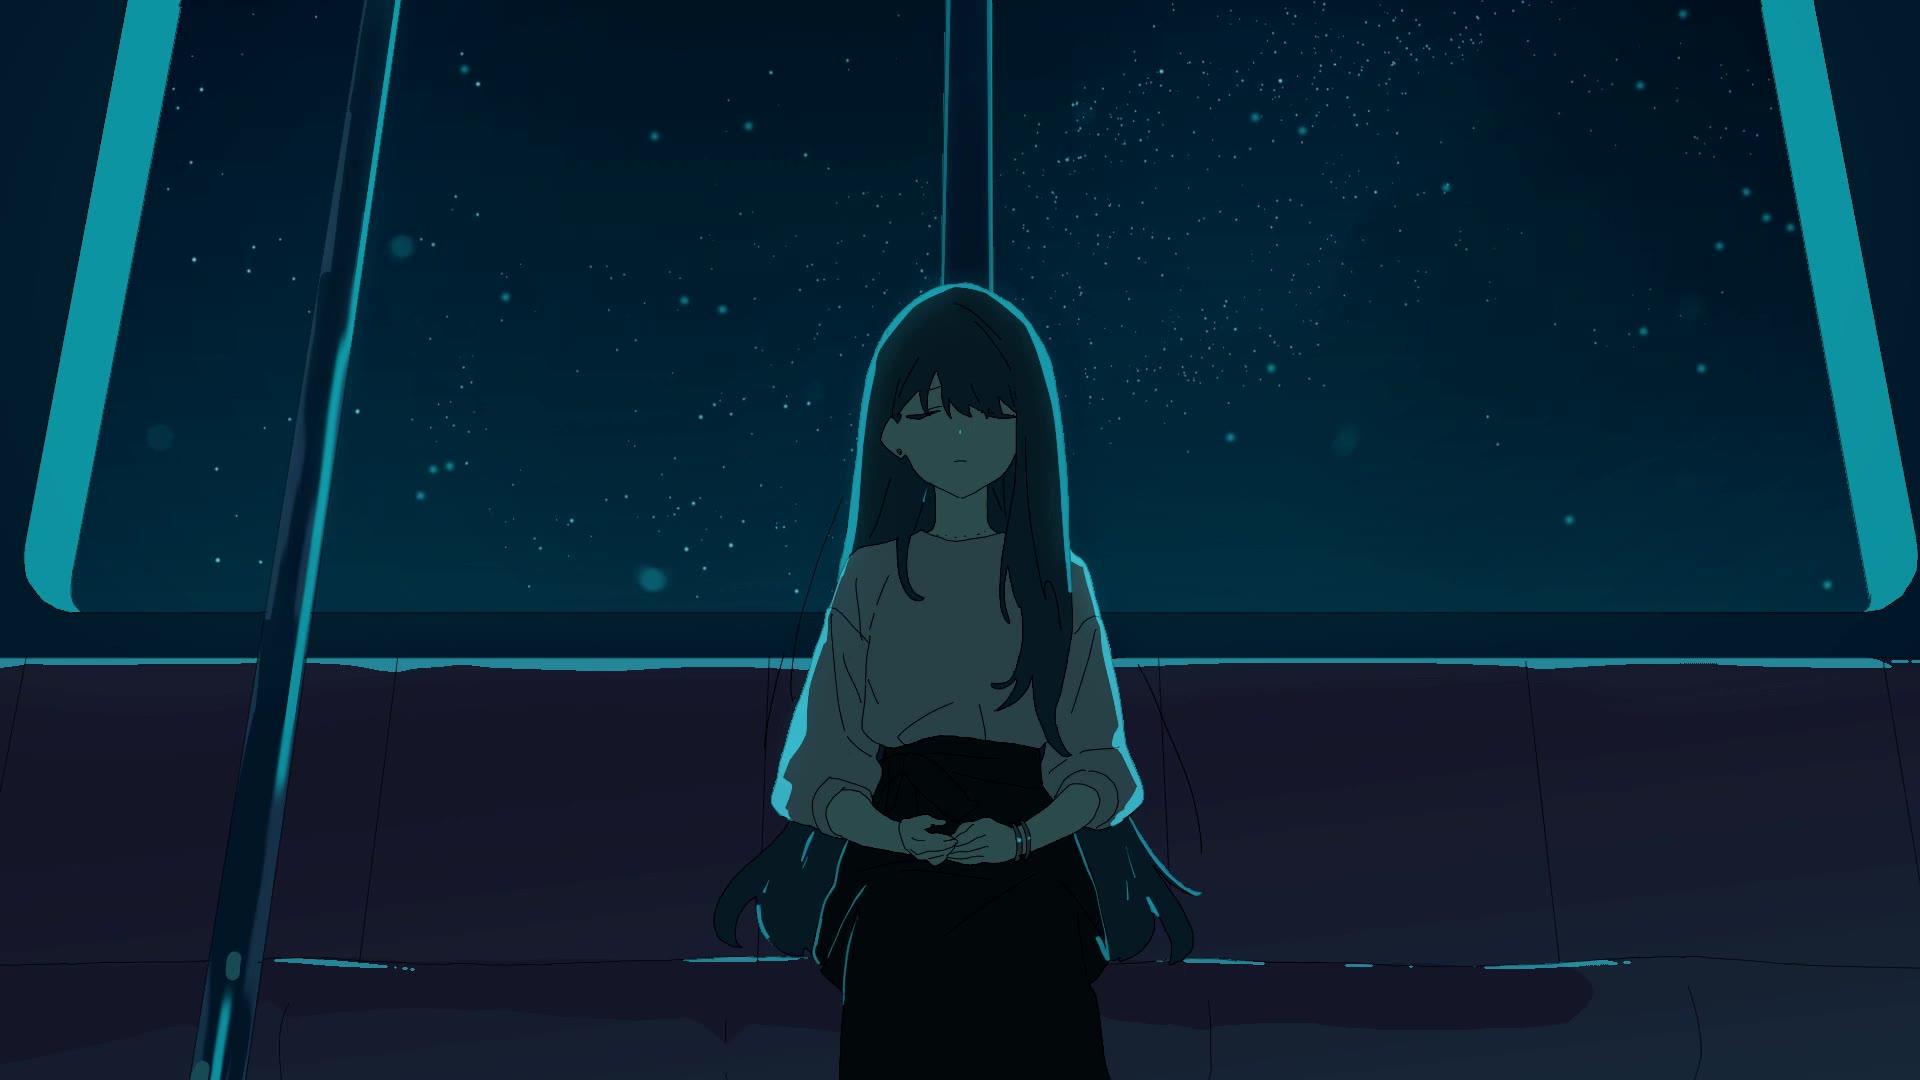 【初音ミク】「銀河の彼方に逢いにゆく。」【アニメーションMV】【沢田凛】